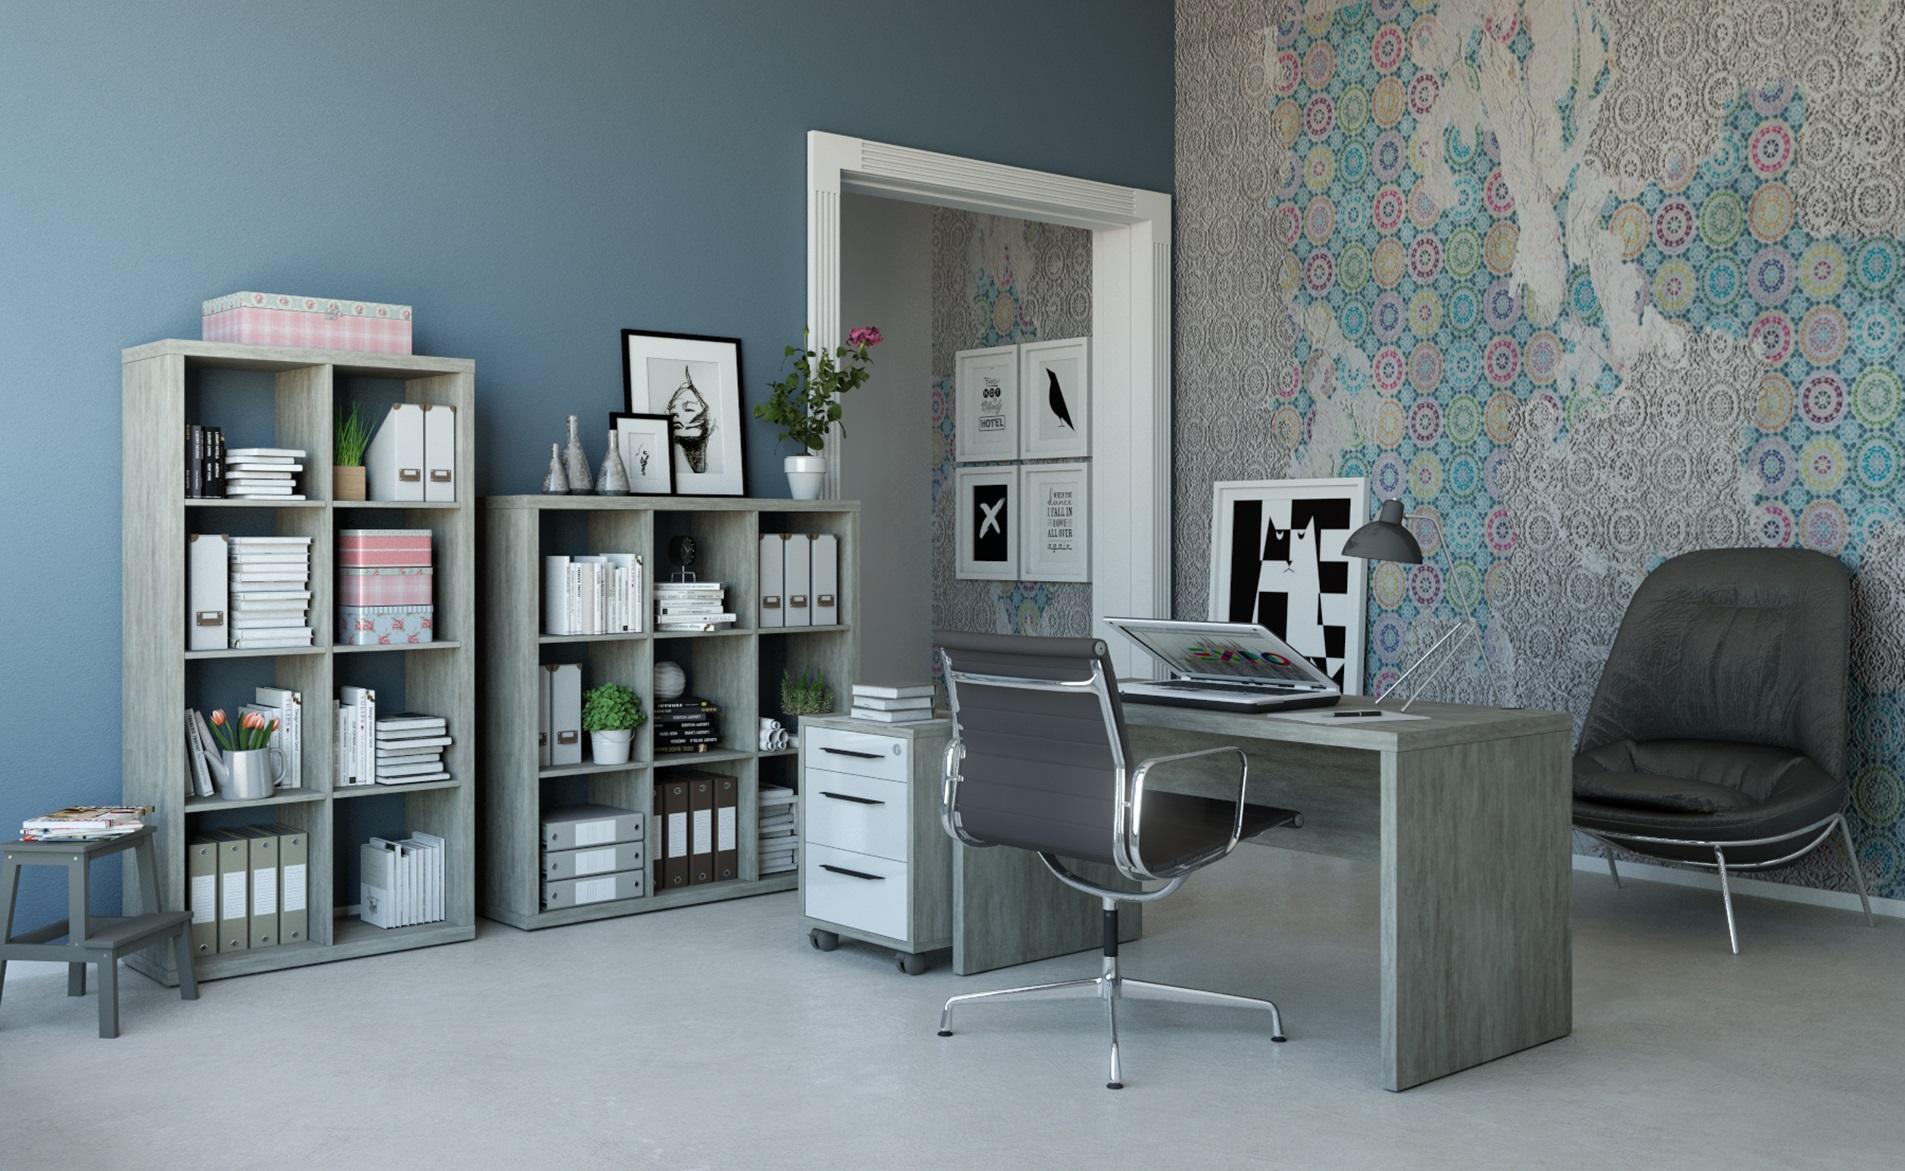 Ufficio componibile tinta tartufo modello pratico composad for Ufficio discount